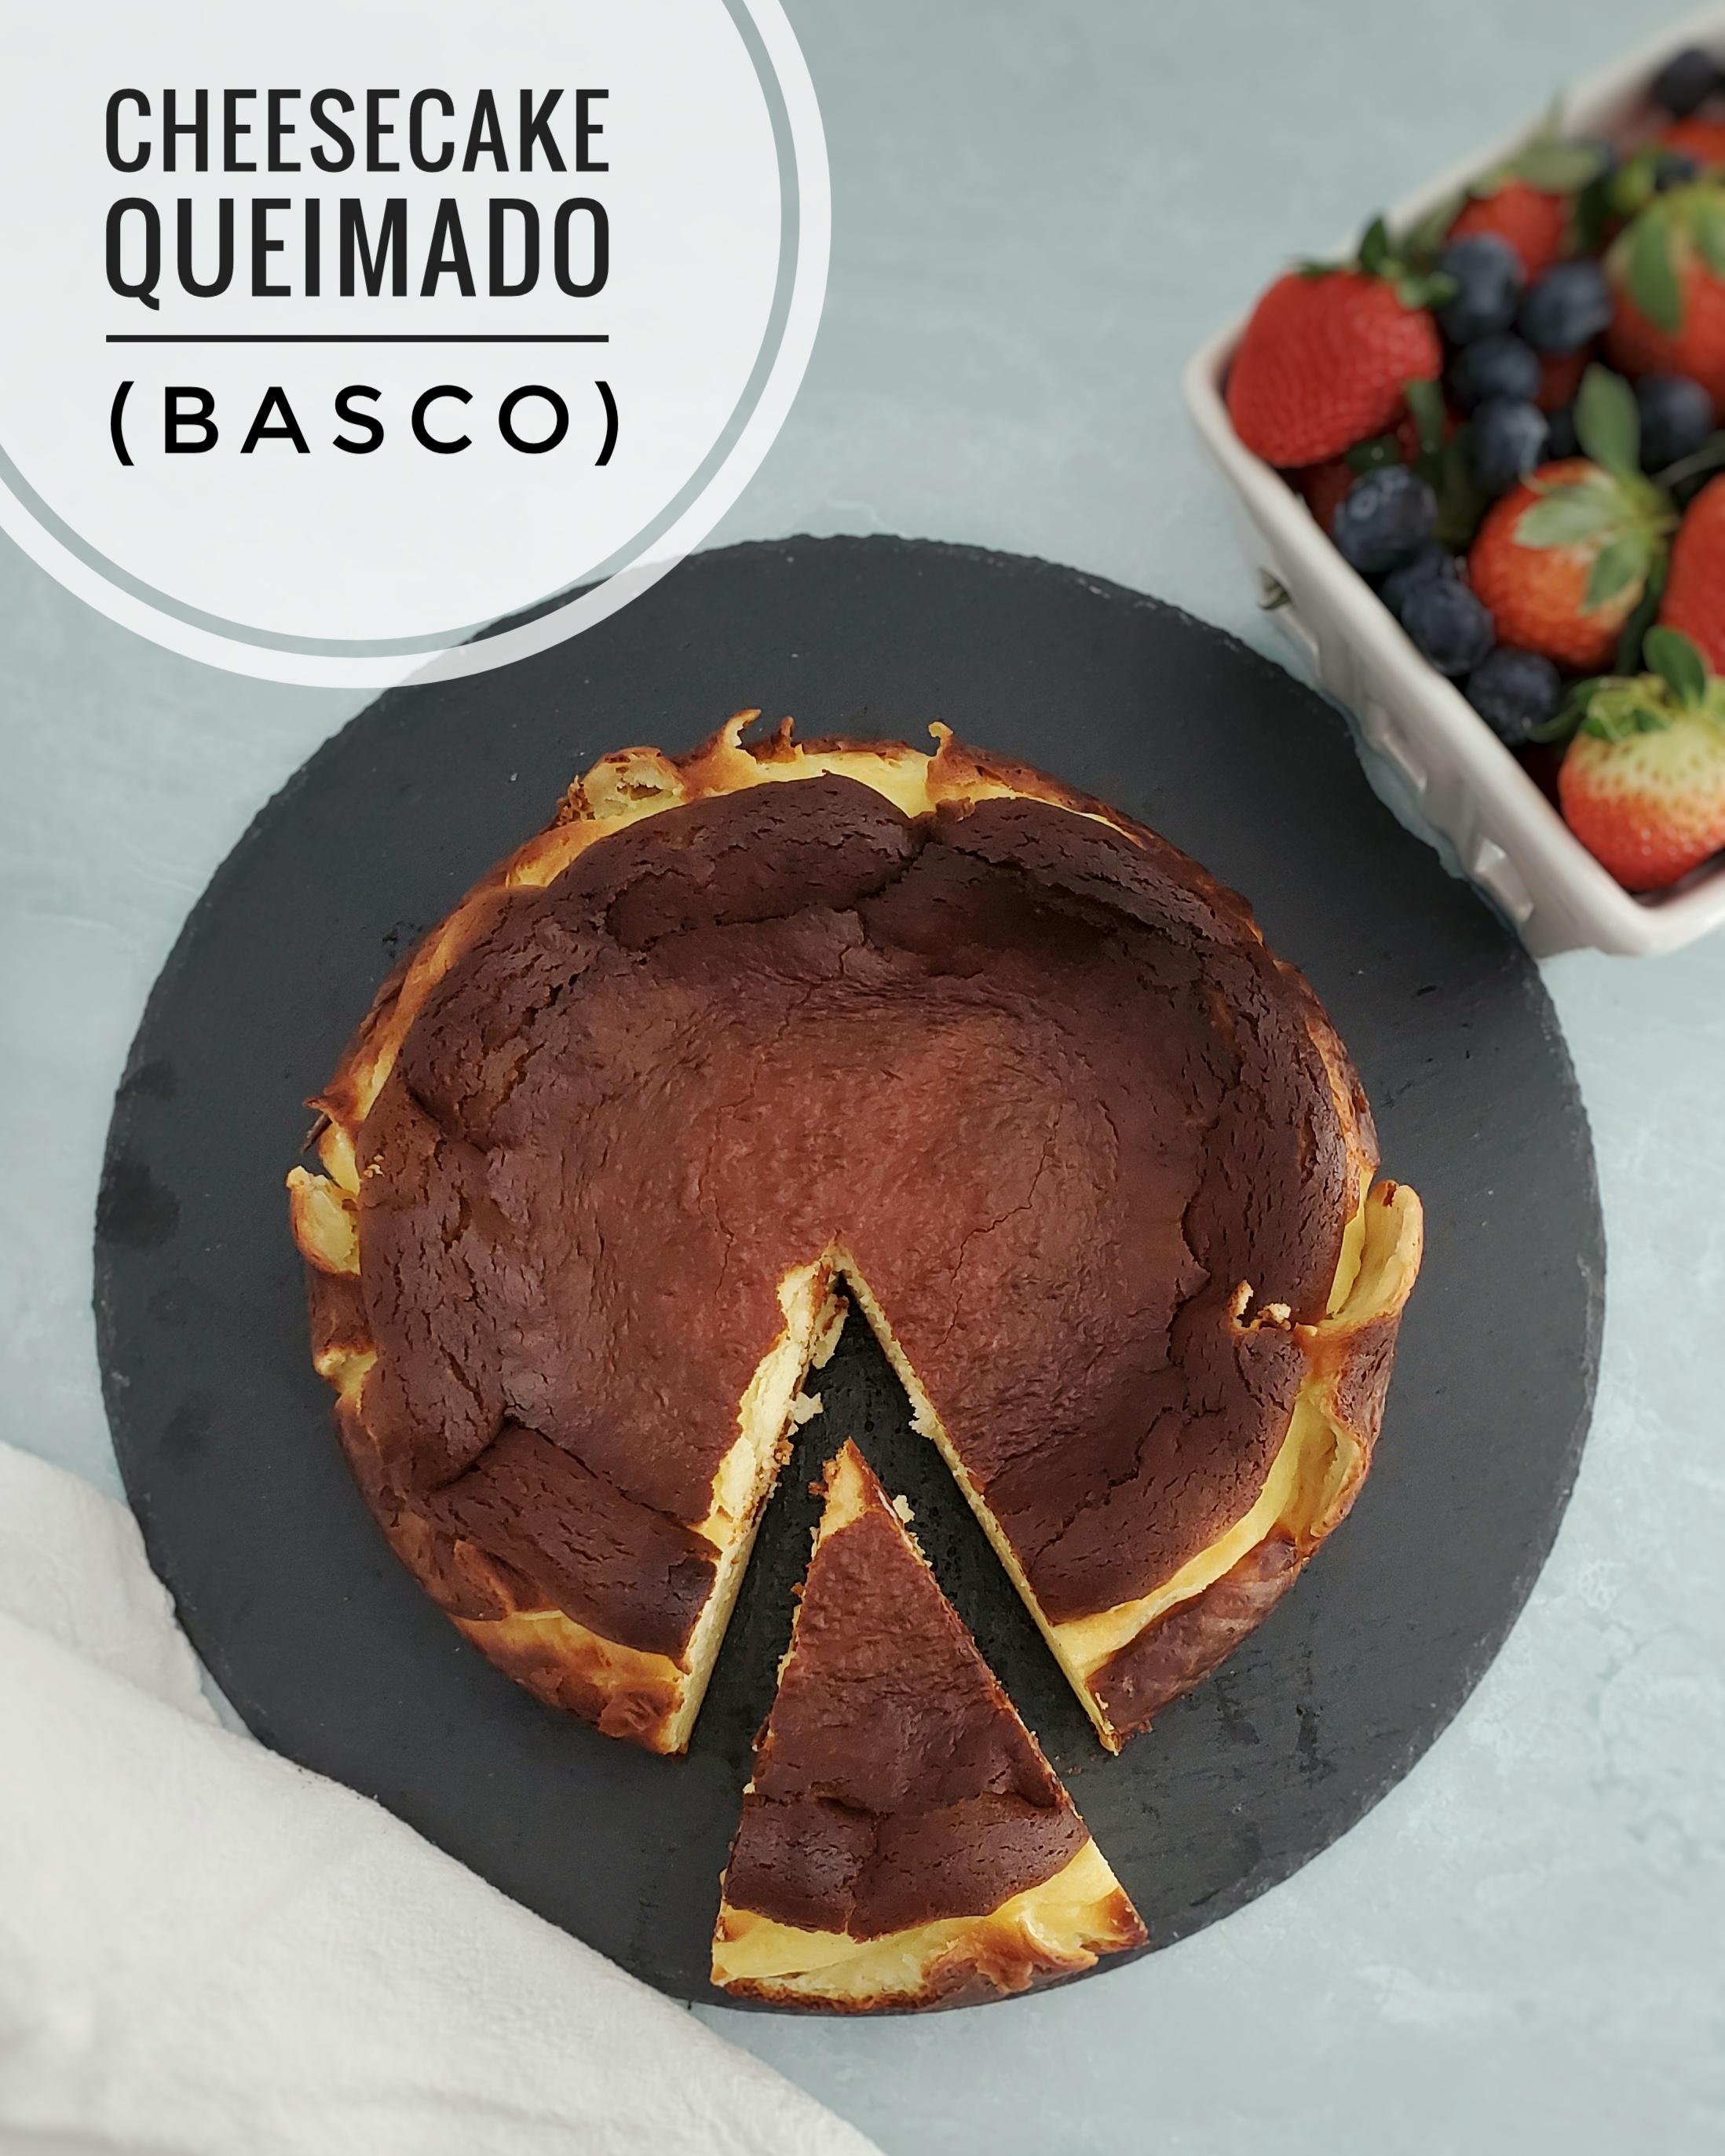 Cheesecake Queimado